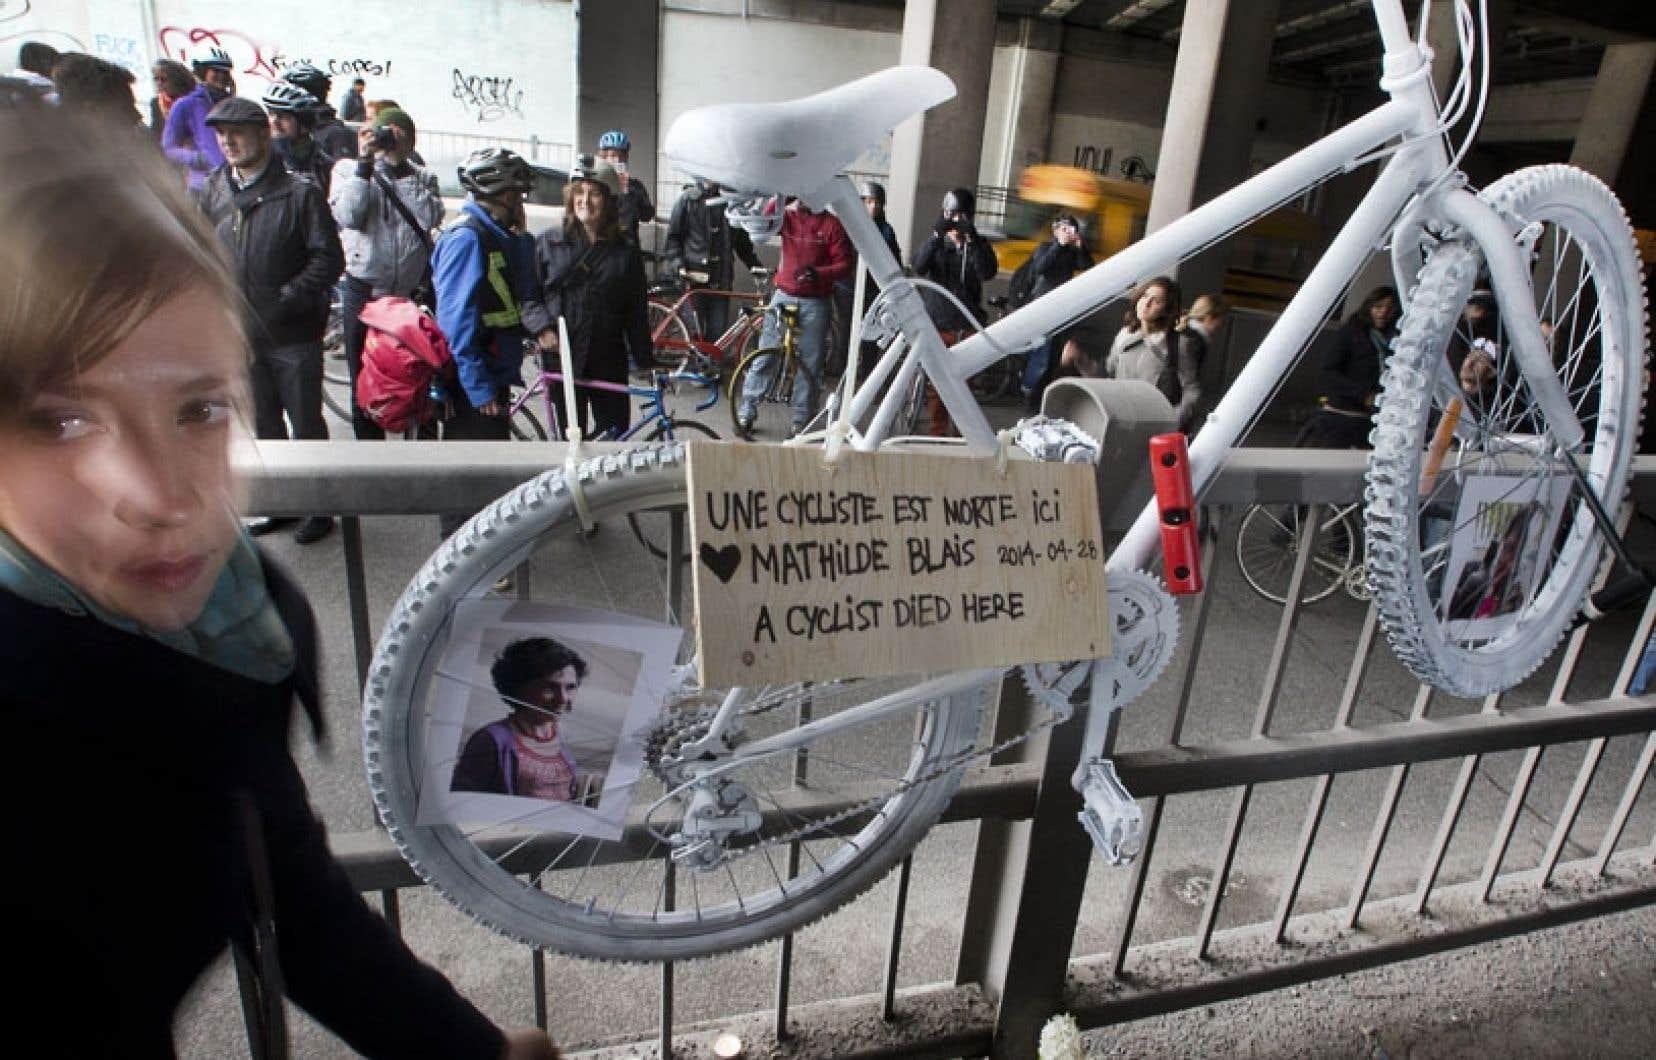 Un «vélo fantôme» se dressait lundi matin à l'entrée du tunnel de la rue Saint-Denis, à Montréal, où Mathilde Blais, une cycliste de 33 ans, a été fauchée par un camion il y a une semaine.